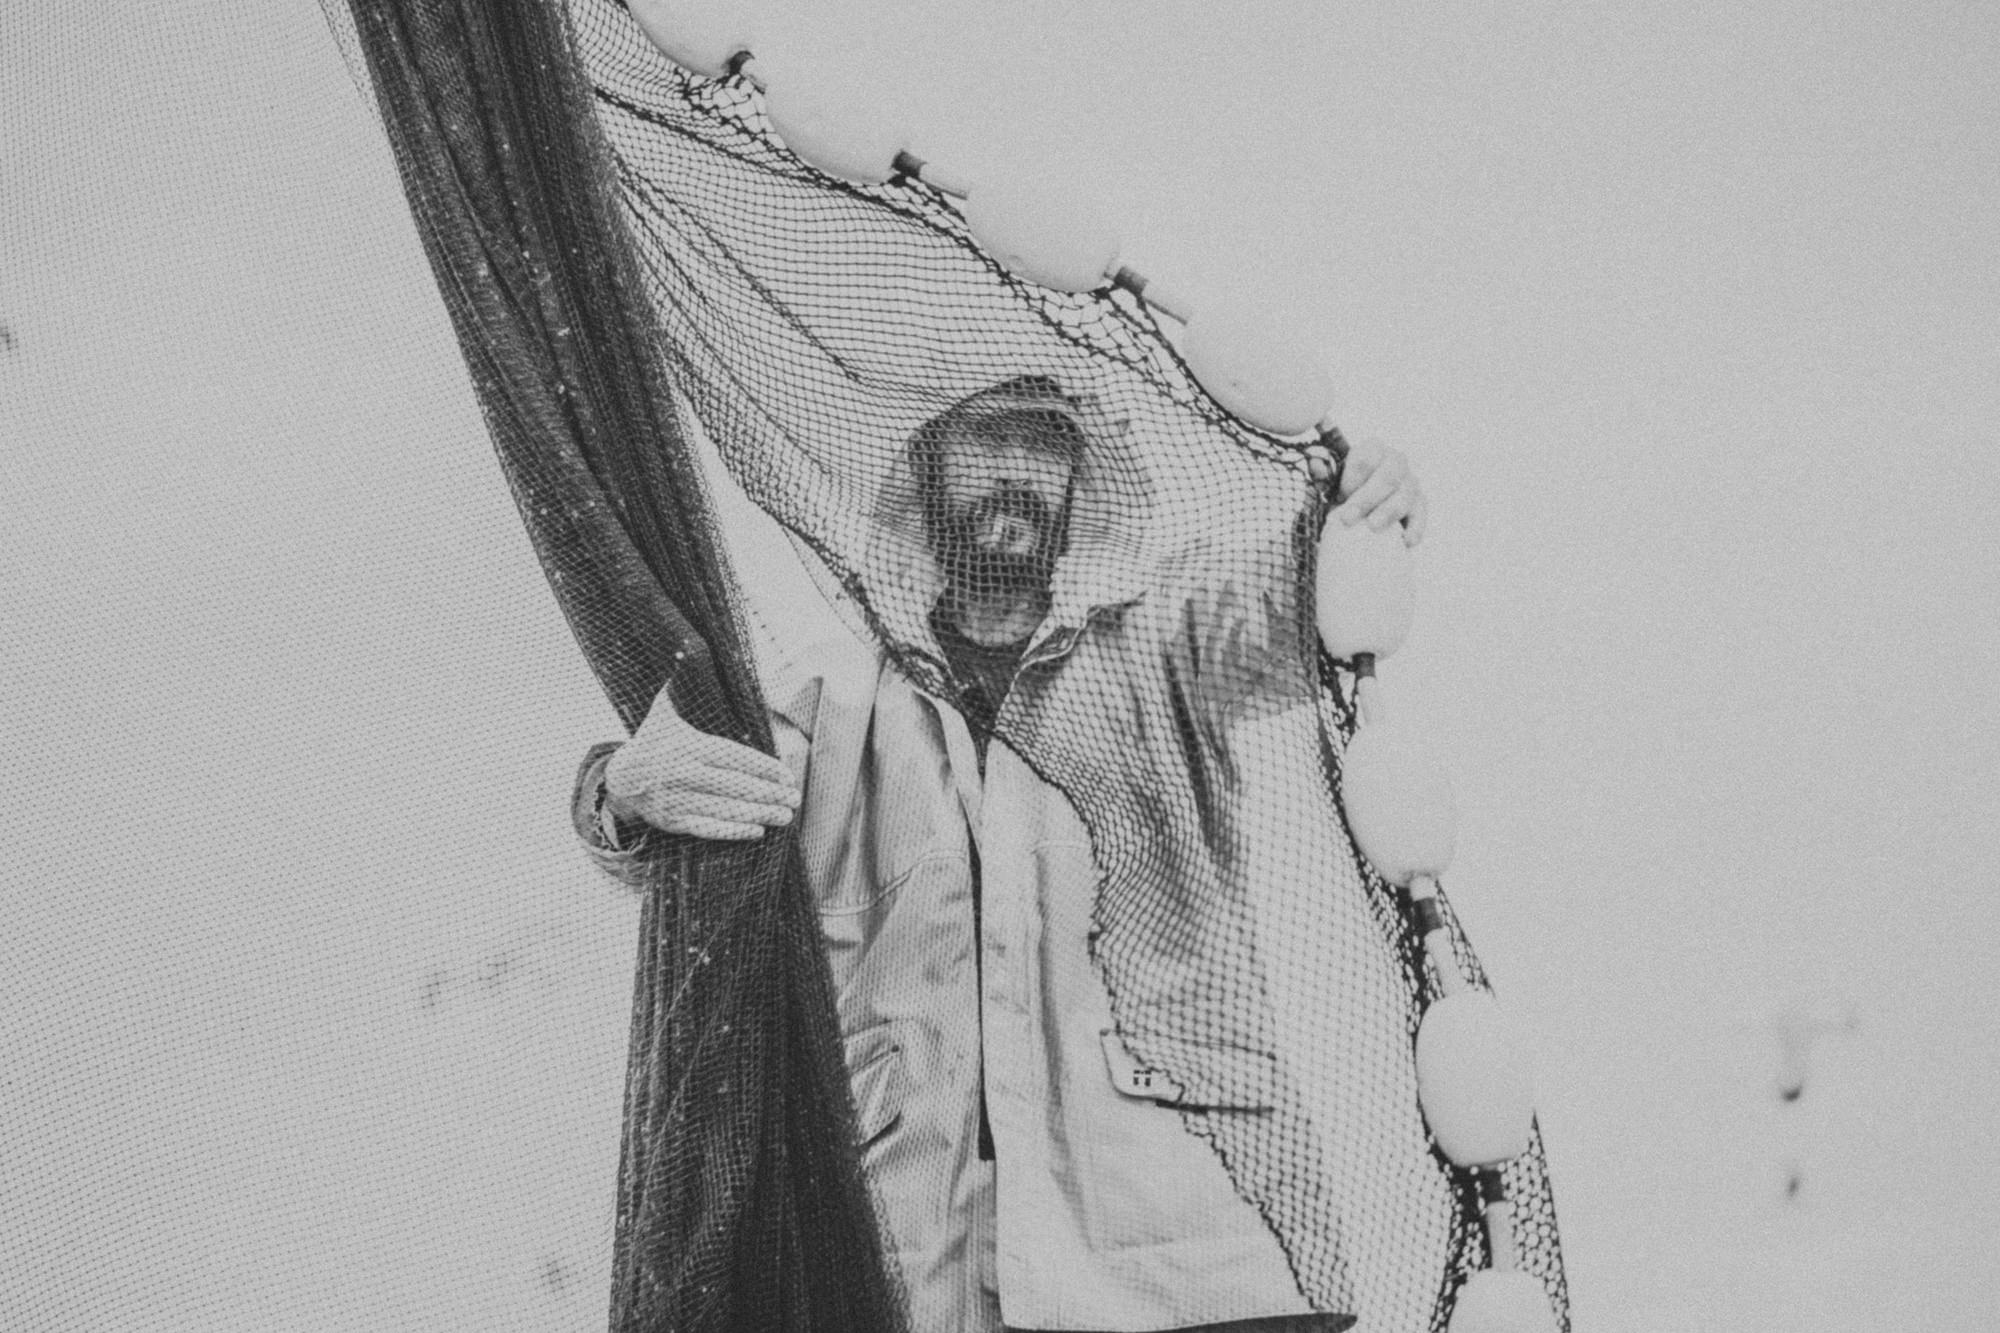 Vrijedni riječki ribari plove i u teškim vremenima